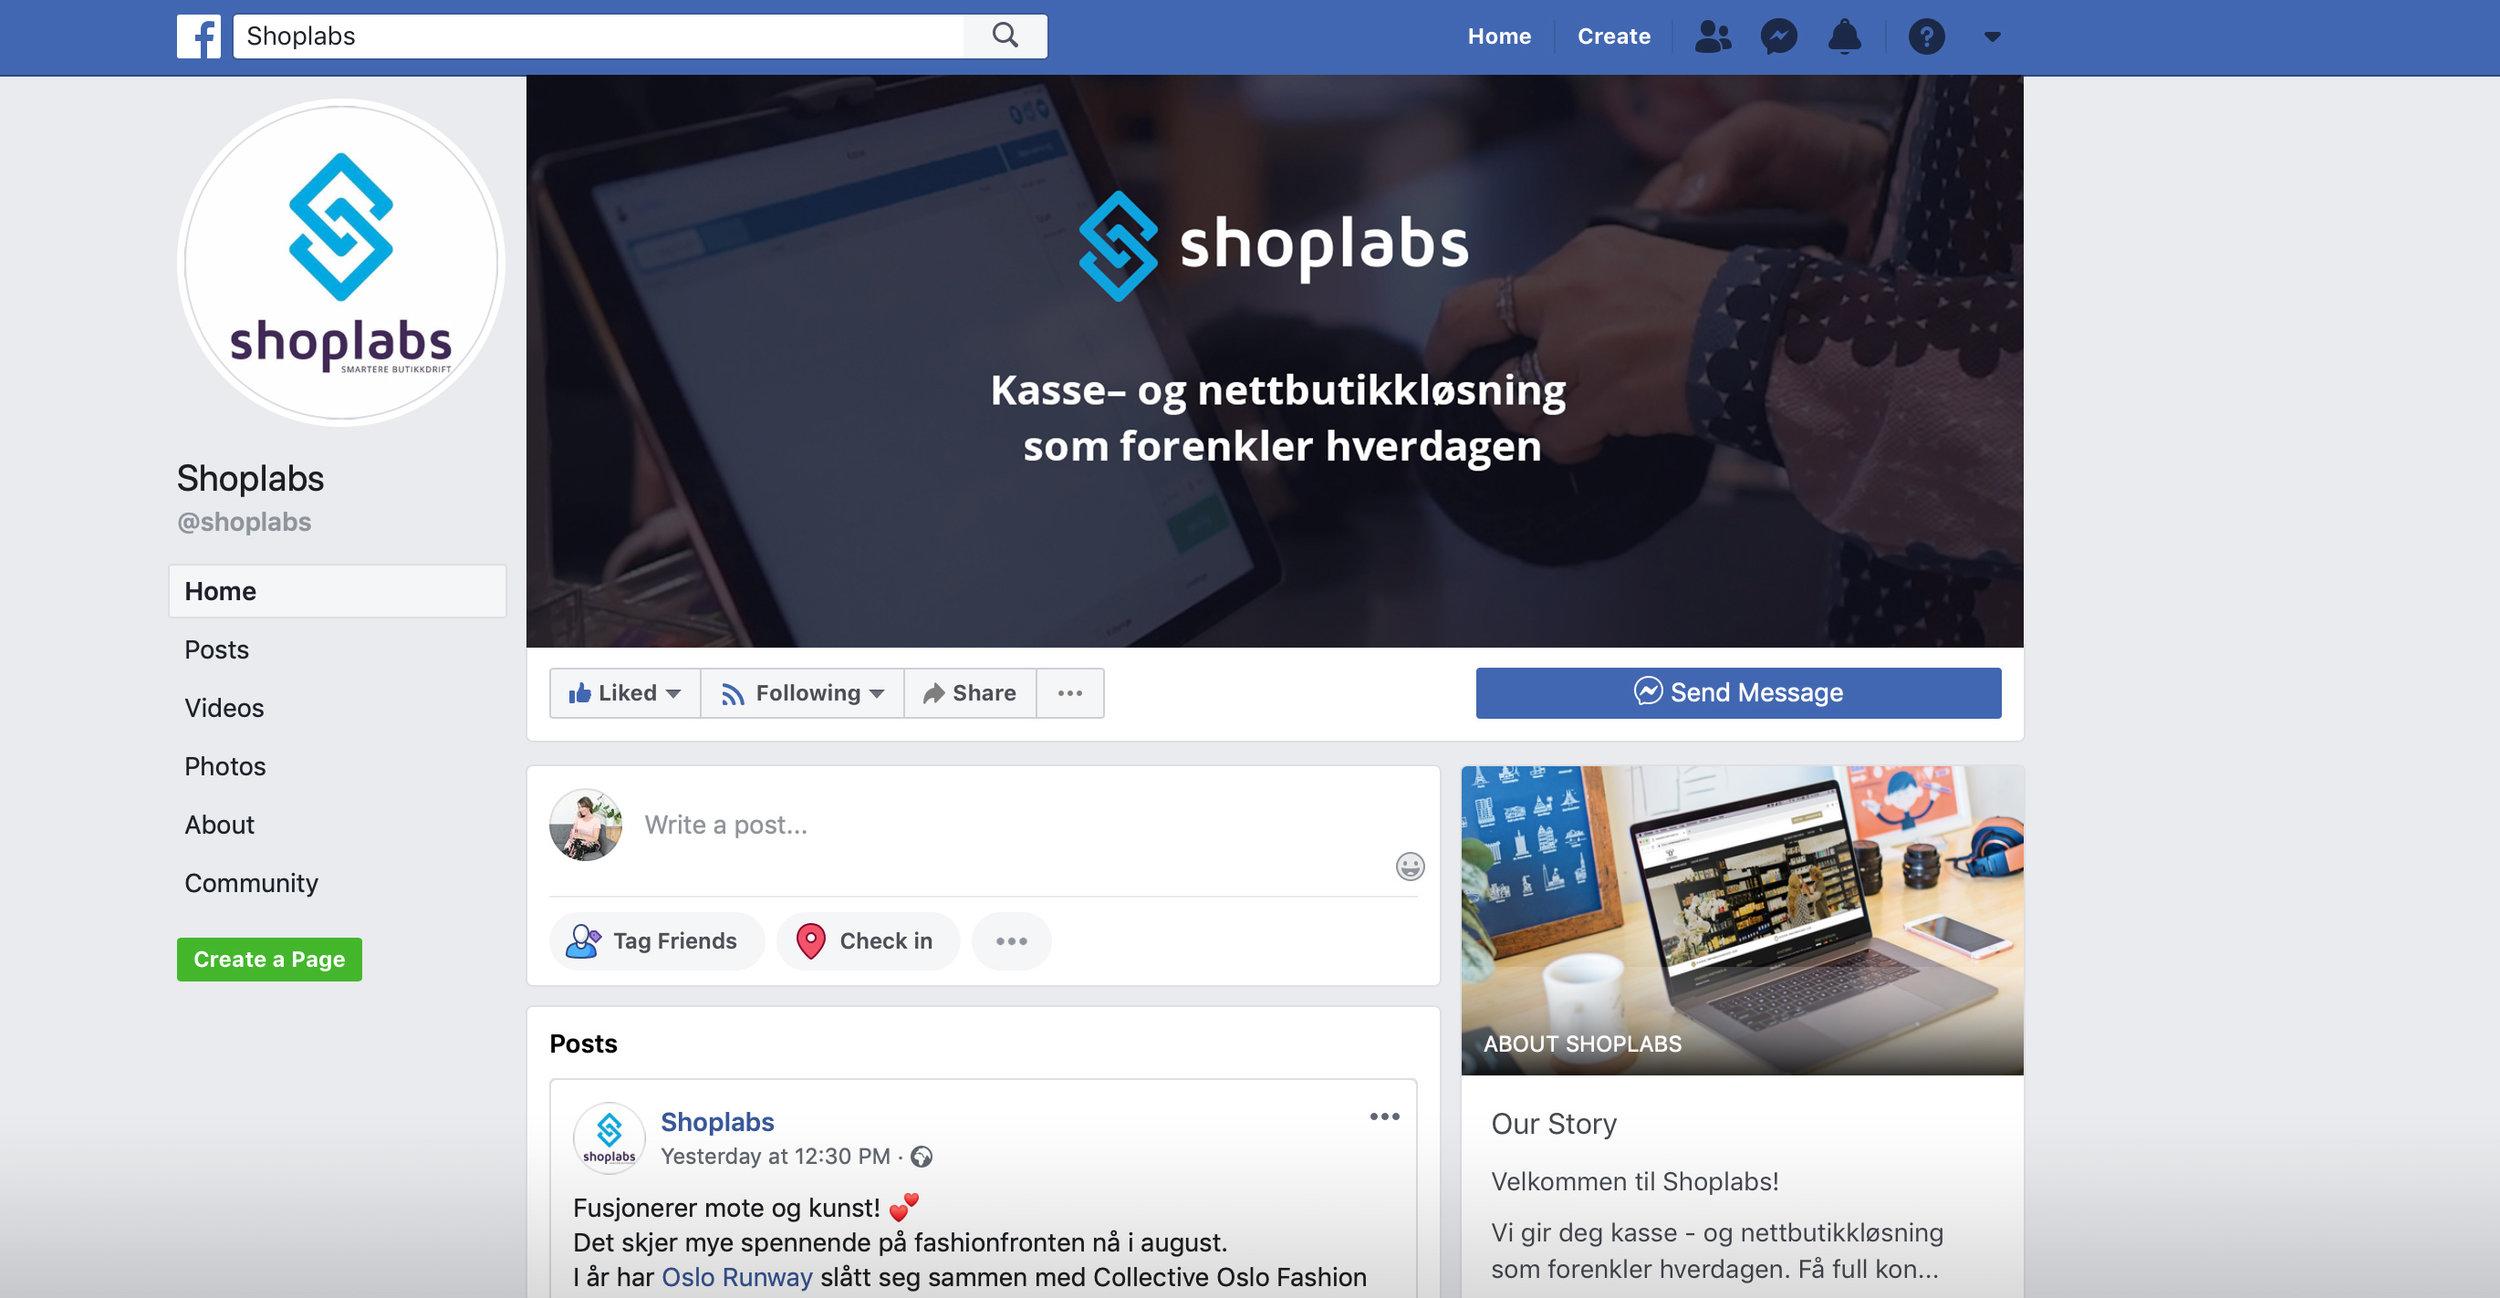 ShoplabsFacebook.jpg